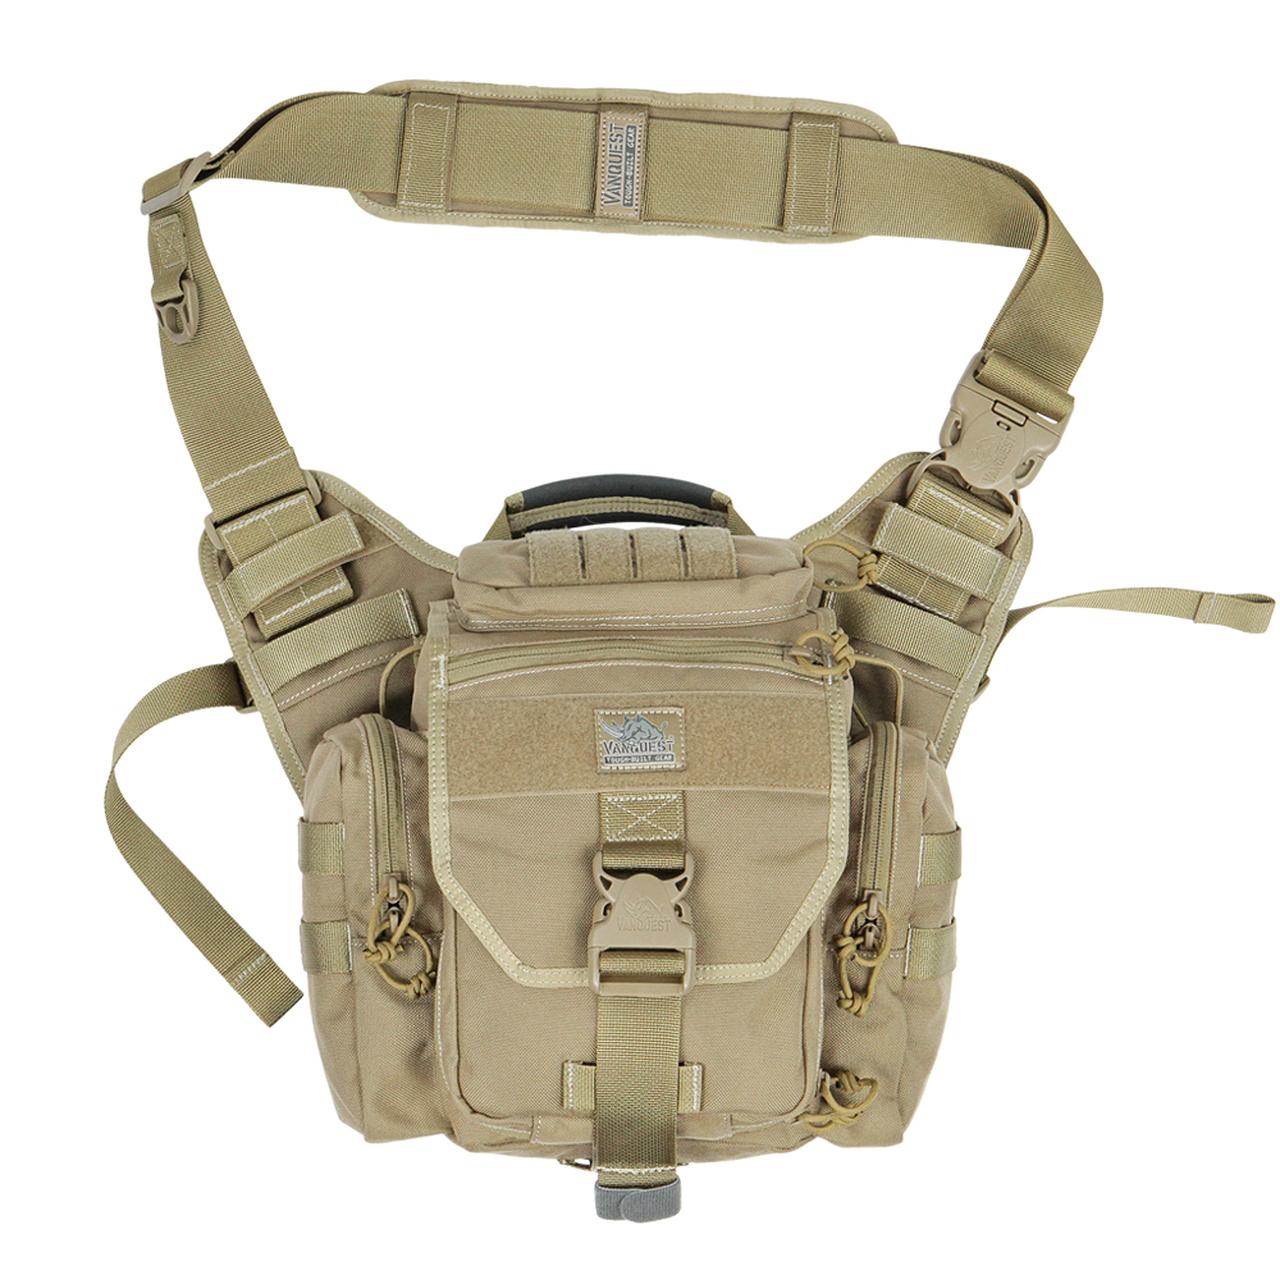 Túi VANQUEST 2020 MOBIUS 2.0 VPacker Gear Bag – Coyote Tan